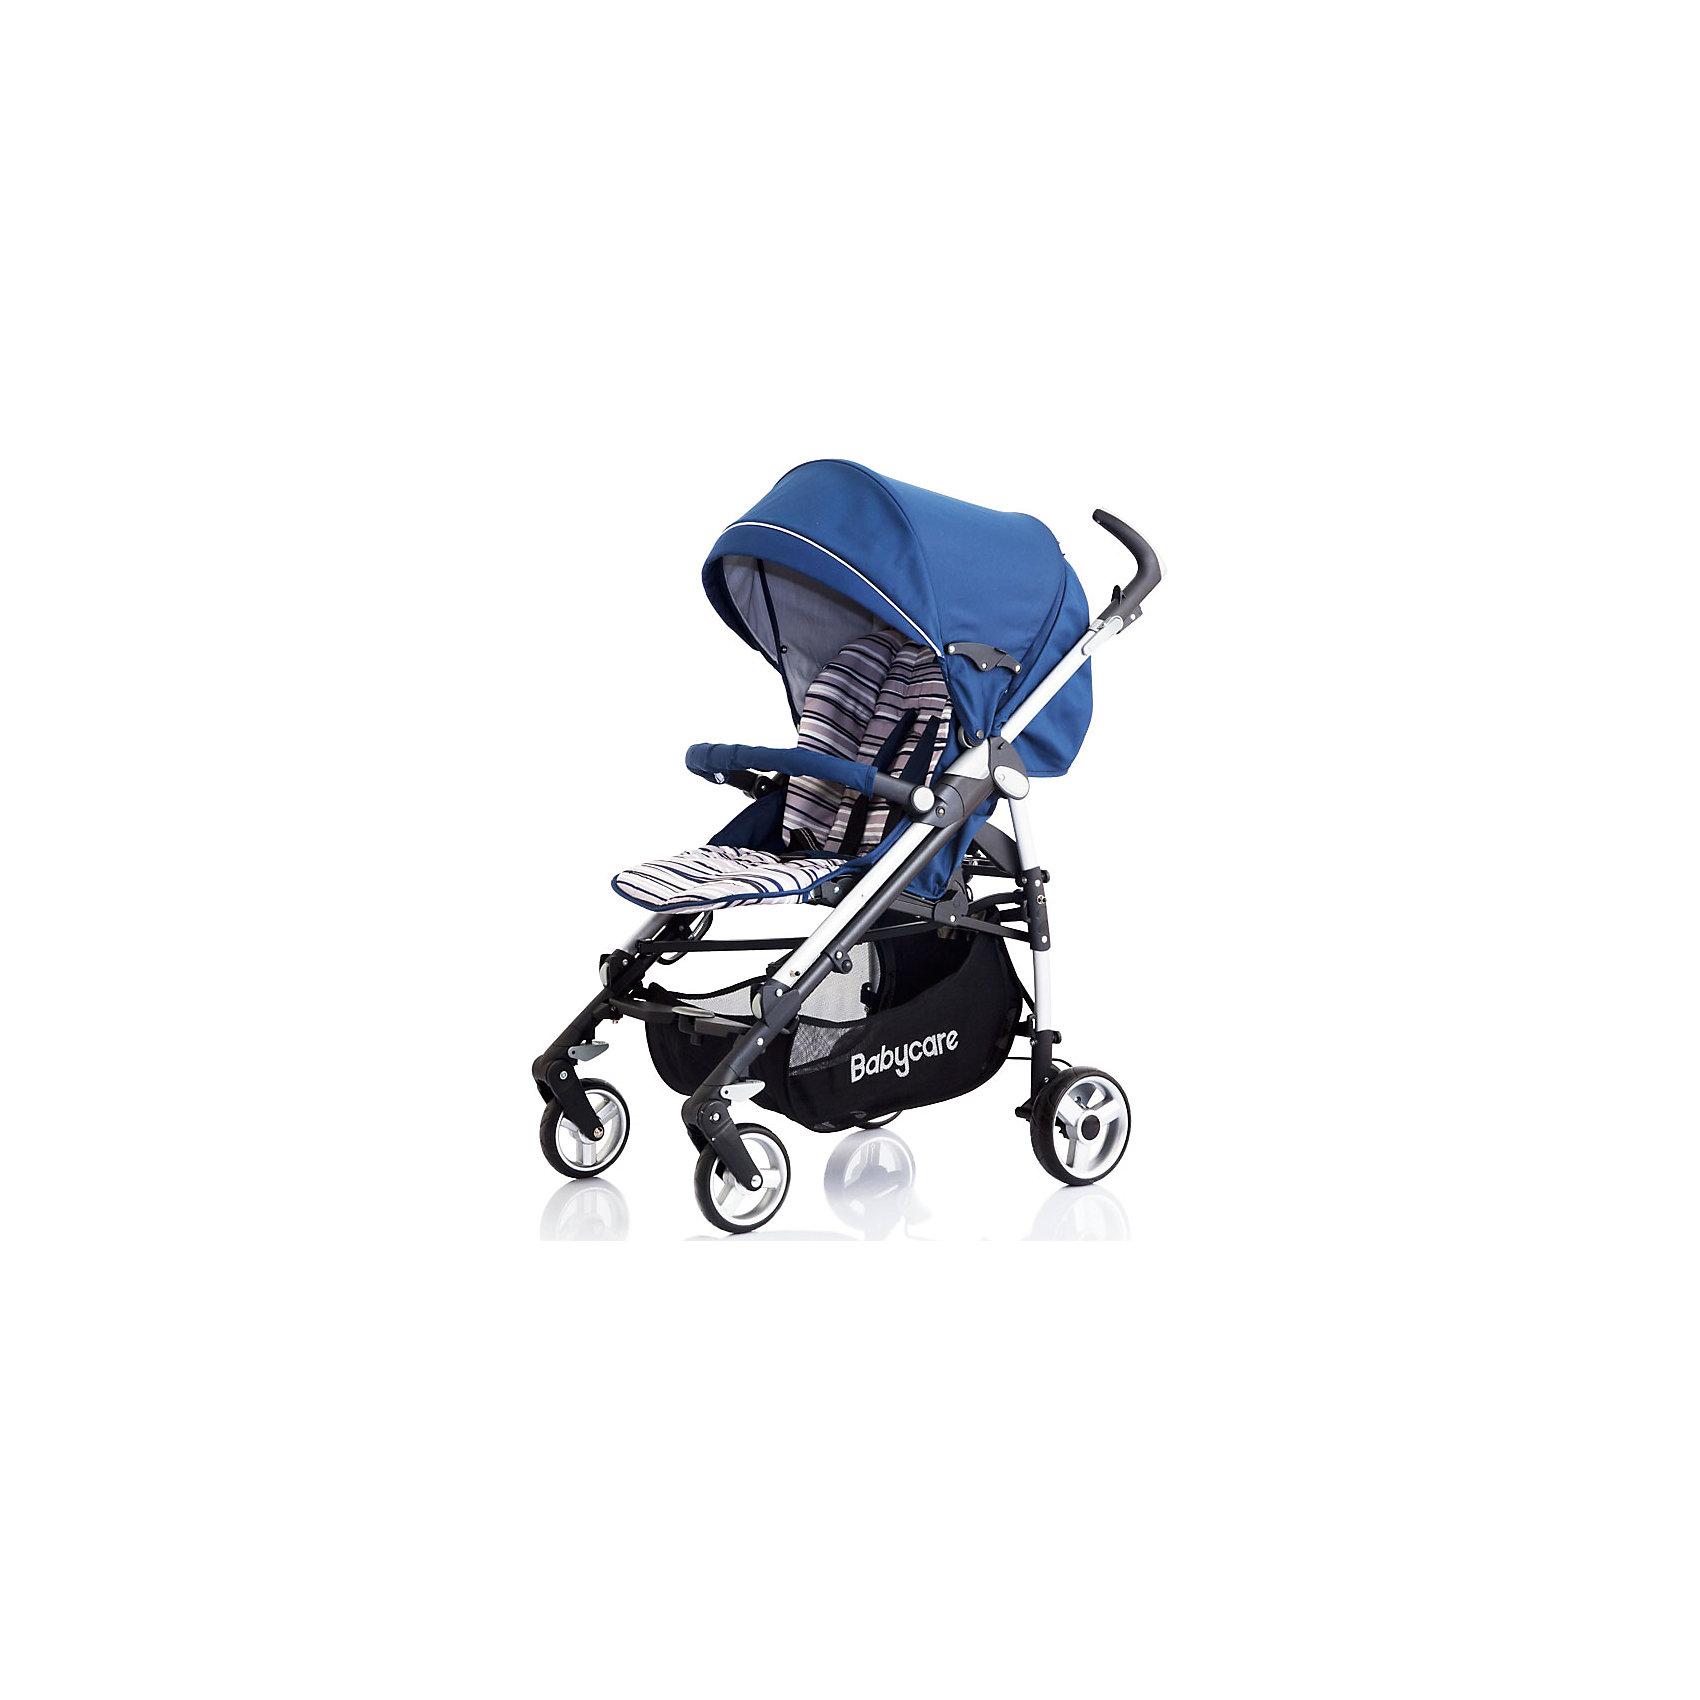 Коляска-трость GT4, Baby Care, синийХарактеристики коляски-трости Baby Care GT4:<br><br>• спинка коляски регулируется в 3-х положениях, угол наклона почти 170 градусов;<br>• подножка регулируется в 2-х положениях, удлиняет спальное место;<br>• 5-ти точечные ремни безопасности;<br>• глубокий капюшон с дополнительной секцией опускается до бампера;<br>• капюшон оснащен солнцезащитным козырьком со светоотражающей накладкой;<br>• на задней стороне капюшона есть кармашек для мелочей;<br>• съемный бампер с мягкой накладкой;<br>• корзина для покупок;<br>• материал: пластик, полиэстер;<br>• размер коляски в разложенном виде: 103х51х87 см;<br>• размер коляски в сложенном виде: 99х31х29 см;<br>• вес коляски: 10,1 кг;<br>• допустимый вес ребенка: до 15 кг.<br><br>Характеристики шасси коляски:<br><br>• механизм складывания: трость;<br>• защита от случайного раскладывания коляски;<br>• одинарные колеса с пружинными подвесками;<br>• передние поворотные с блокировкой;<br>• на задних колесах реечный тормоз;<br>• материал рамы: алюминий;<br>• материал колес: пеноплен (вспененная резина);<br>• диаметр колес: 16 см, 18 см;<br>• ширина колесной базы: 51 см.<br><br>Компактная коляска-трость GT4 предназначена для детей в возрасте от 7 месяцев до 4-х лет. Спинка коляски и подножка регулируются, ребенок может спокойно спать в прогулочном блоке при горизонтально разложенной спинке и подножке коляски. Утепленный чехол на ножки защищает малыша от ветра и непогоды, а глубокий капюшон с дополнительной секцией, раскладывающийся до бампера, скроет кроху от нежелательных глаз, защитит от ветра и солнечных лучей, поможет обустроить уютное гнездышко для сна. <br><br>Комплектация:<br><br>• коляска-трость GT4;<br>• дождевик;<br>• чехол на ножки;<br>• инструкция. <br><br>Коляску-трость GT4 Baby Care, синюю можно купить в нашем интернет-магазине.<br><br>Ширина мм: 1040<br>Глубина мм: 350<br>Высота мм: 350<br>Вес г: 12000<br>Возраст от месяцев: 6<br>Возраст до месяцев: 36<br>Пол: Унисекс<br>Возраст: Детск